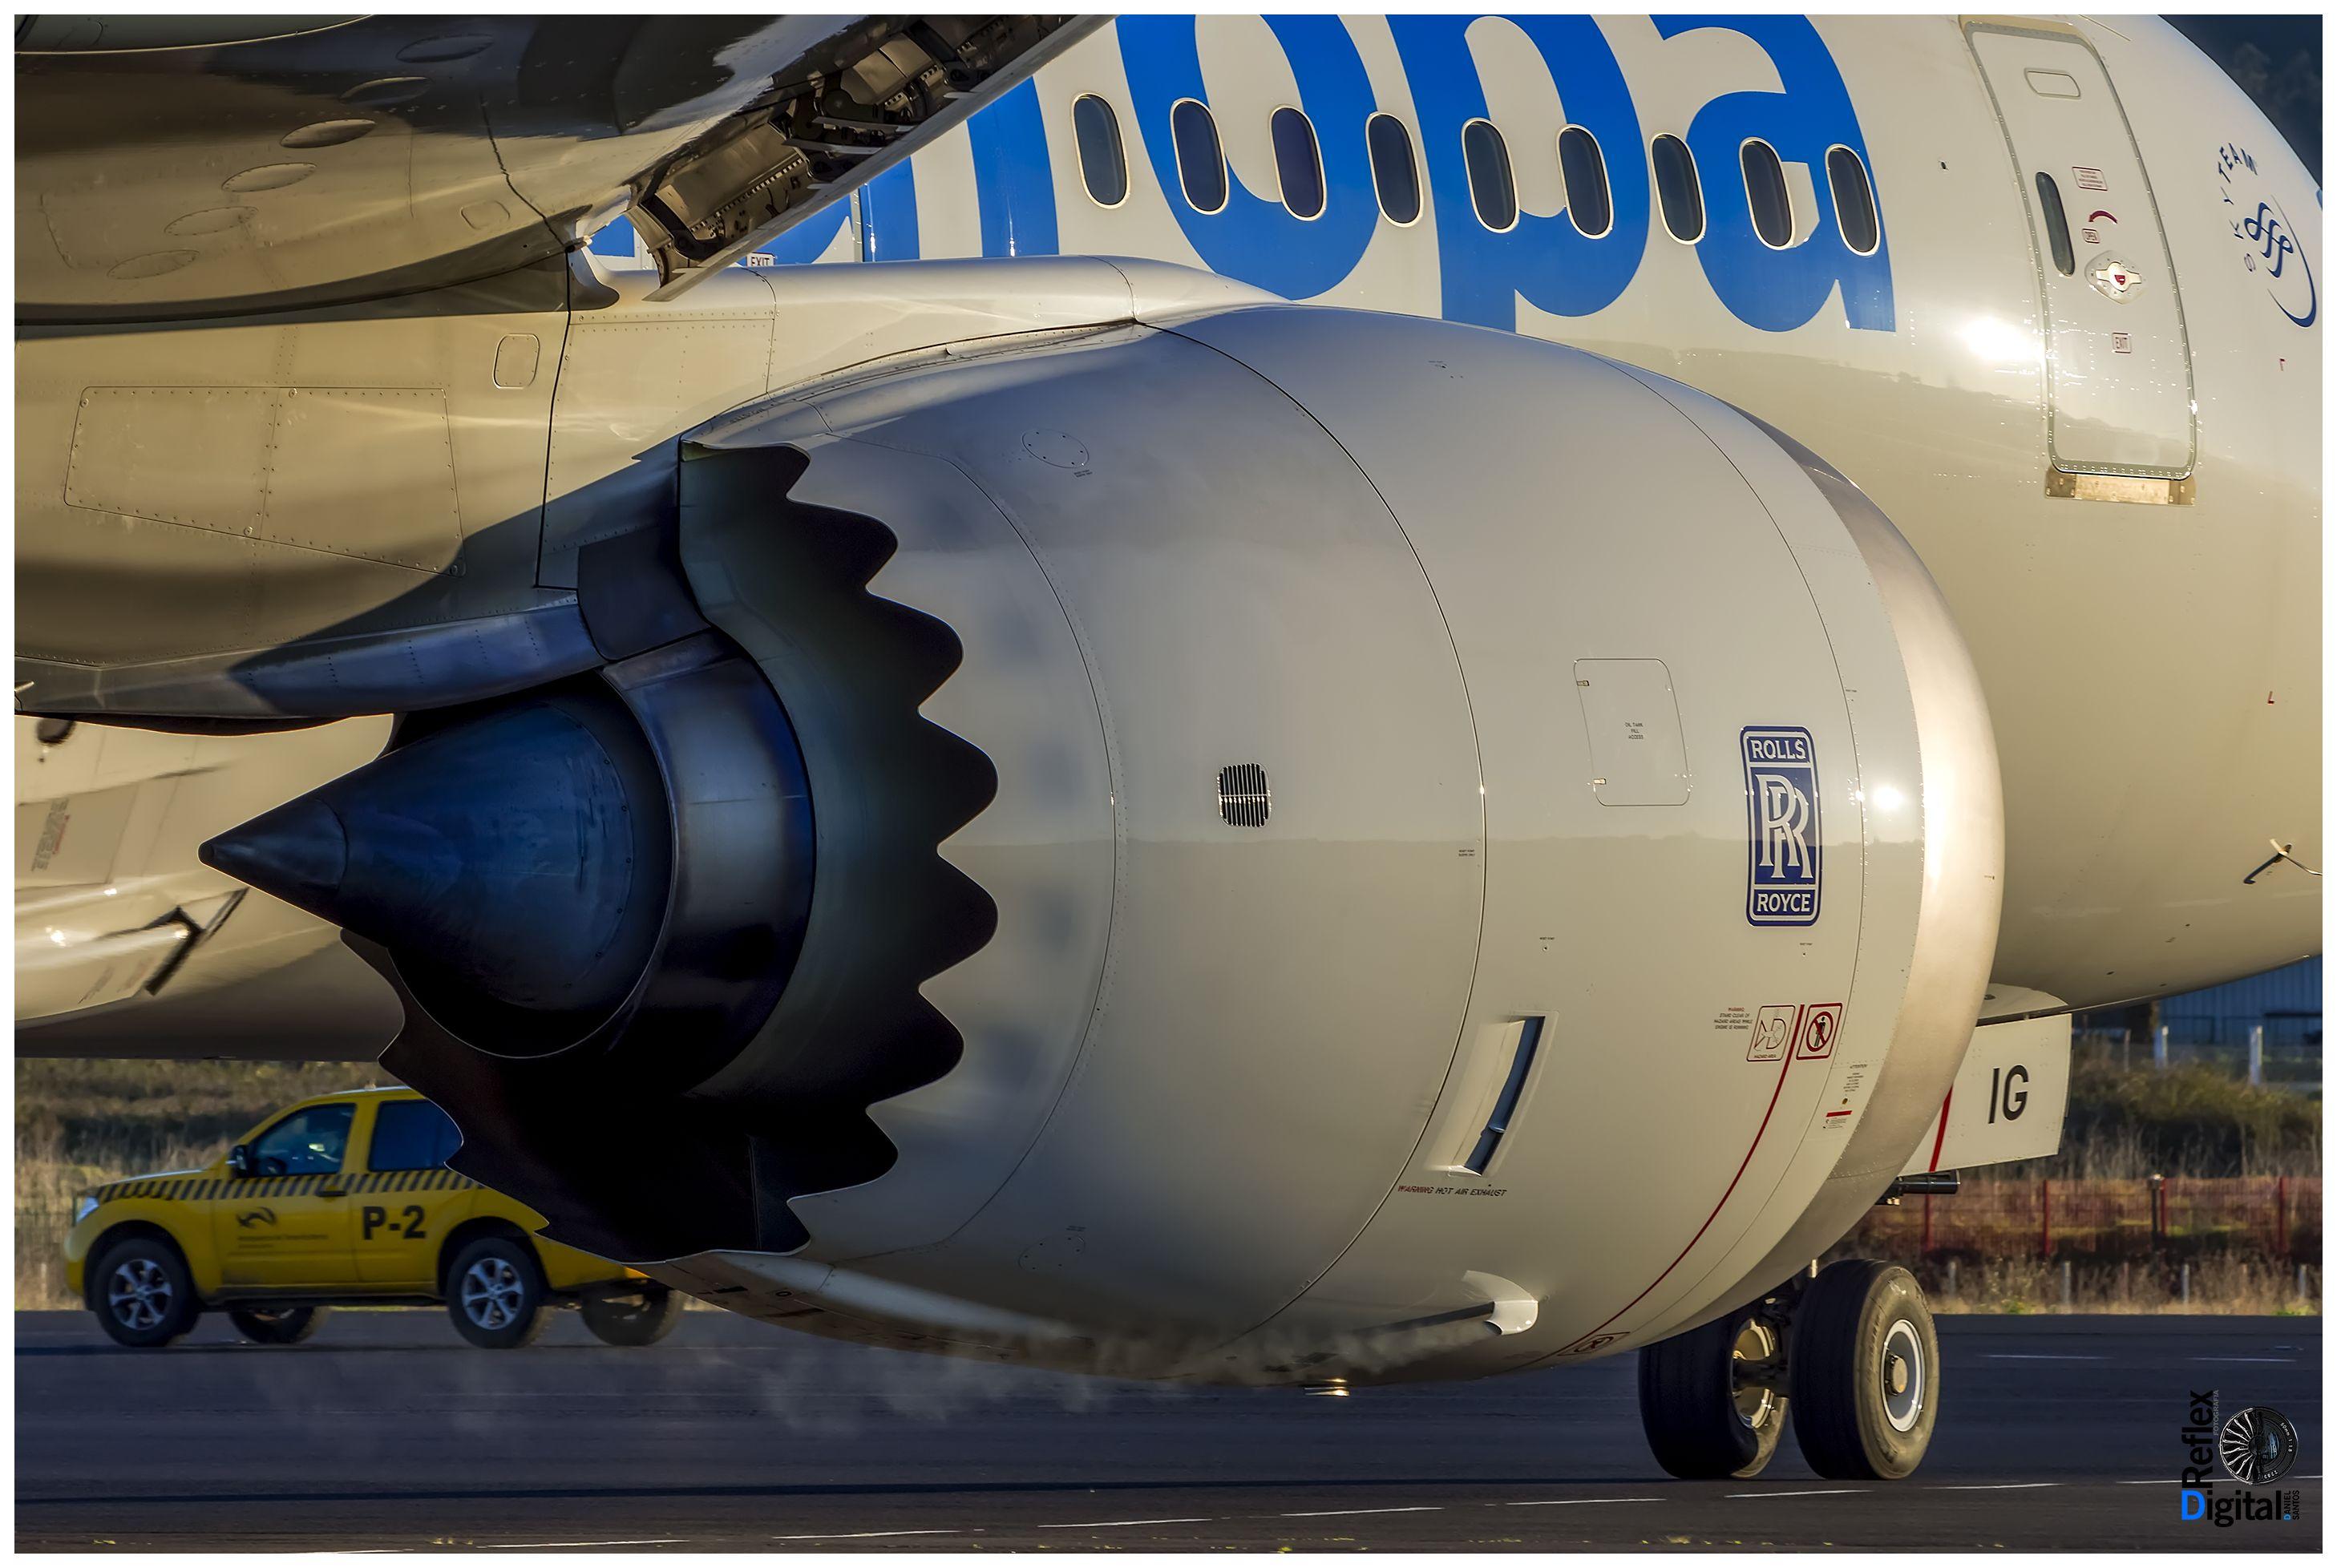 Pin de DReflex Digital Fotgrafía en Remove before flight